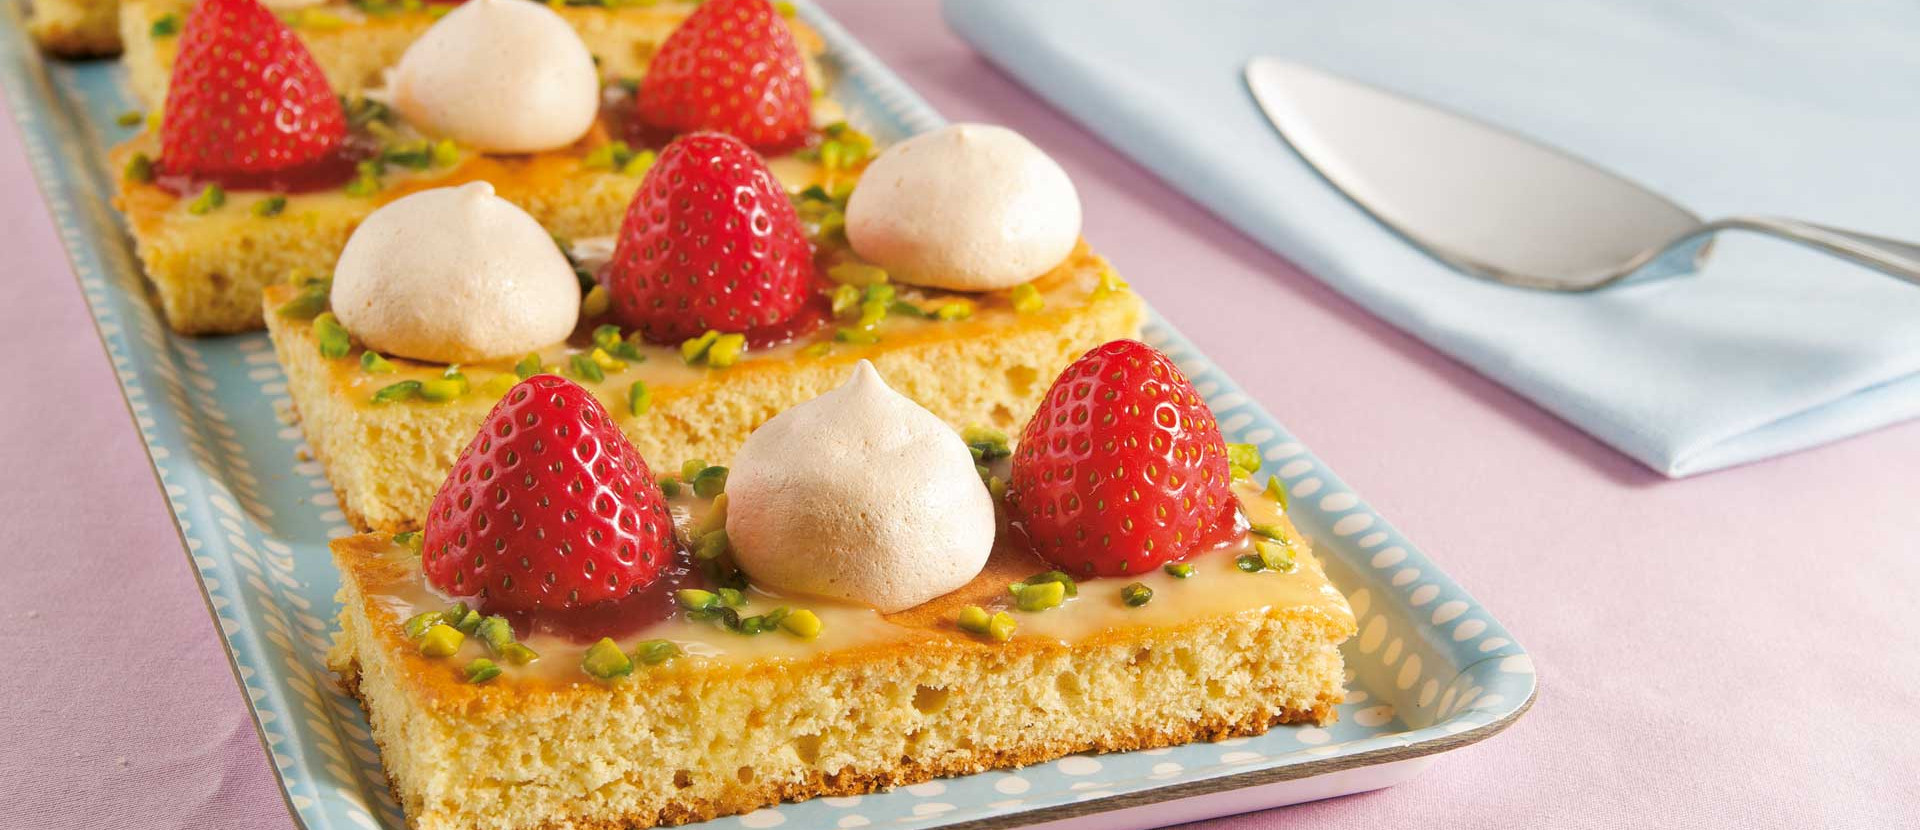 Eierlikoer Erdbeer Schnitte